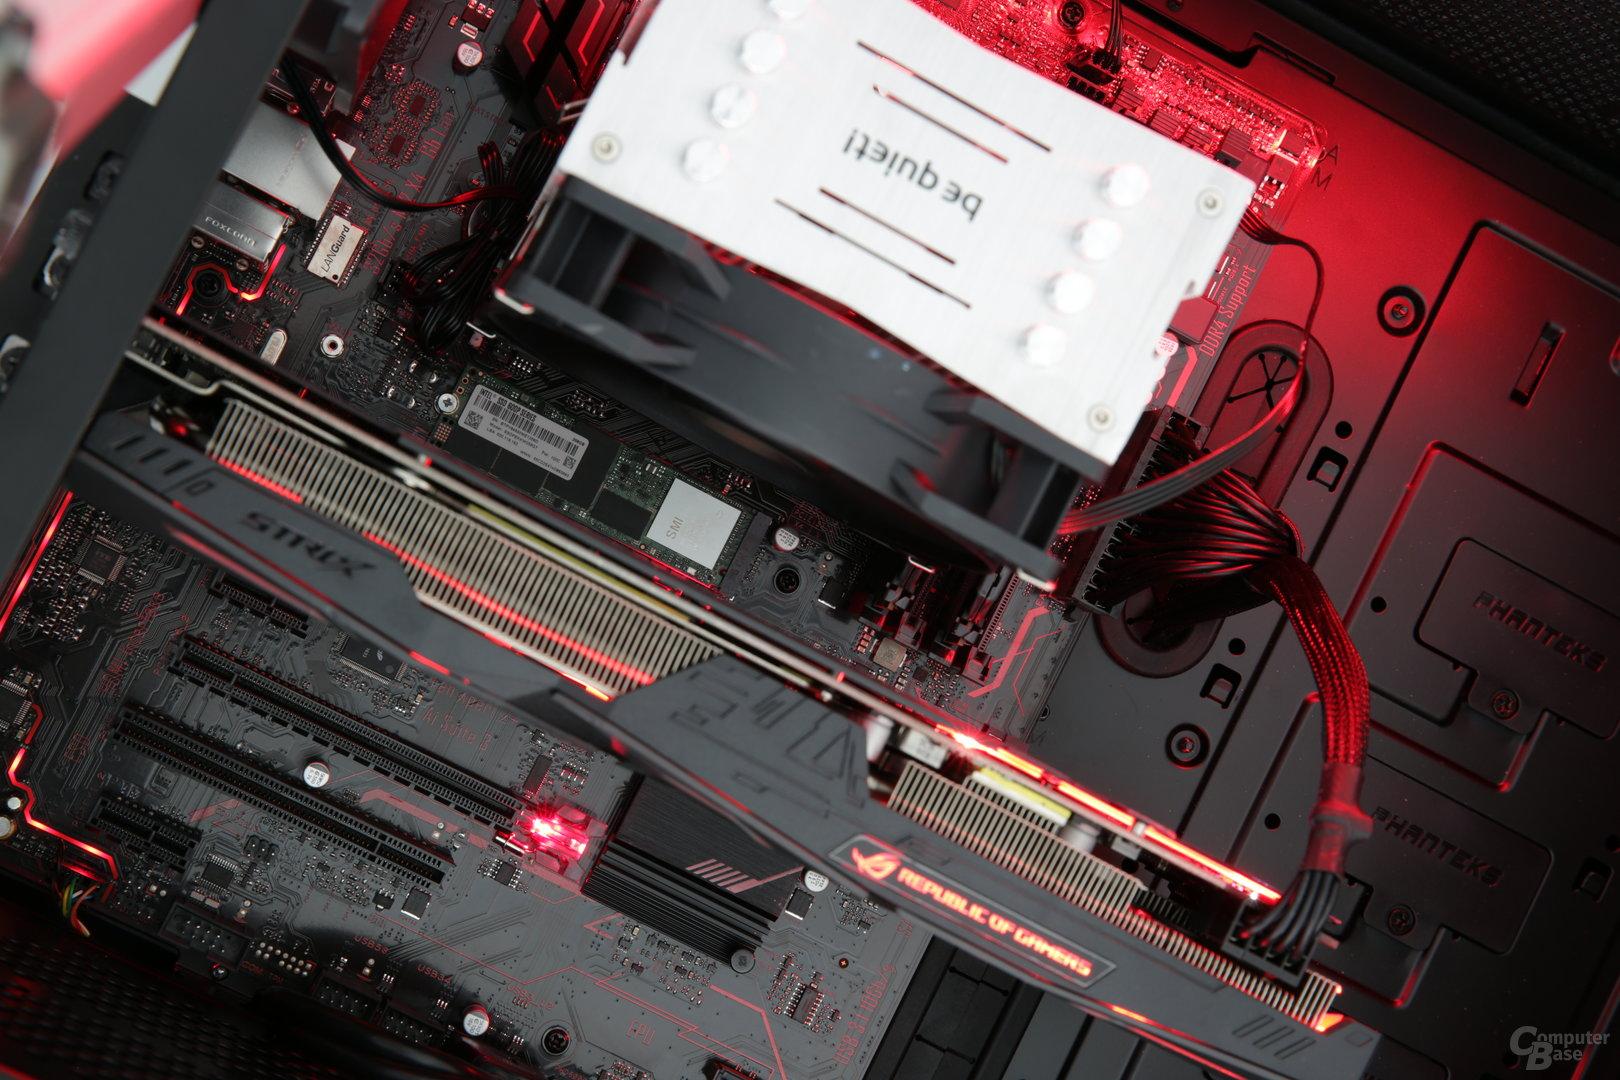 Die SSD steckt zwischen CPU und Grafikkarte